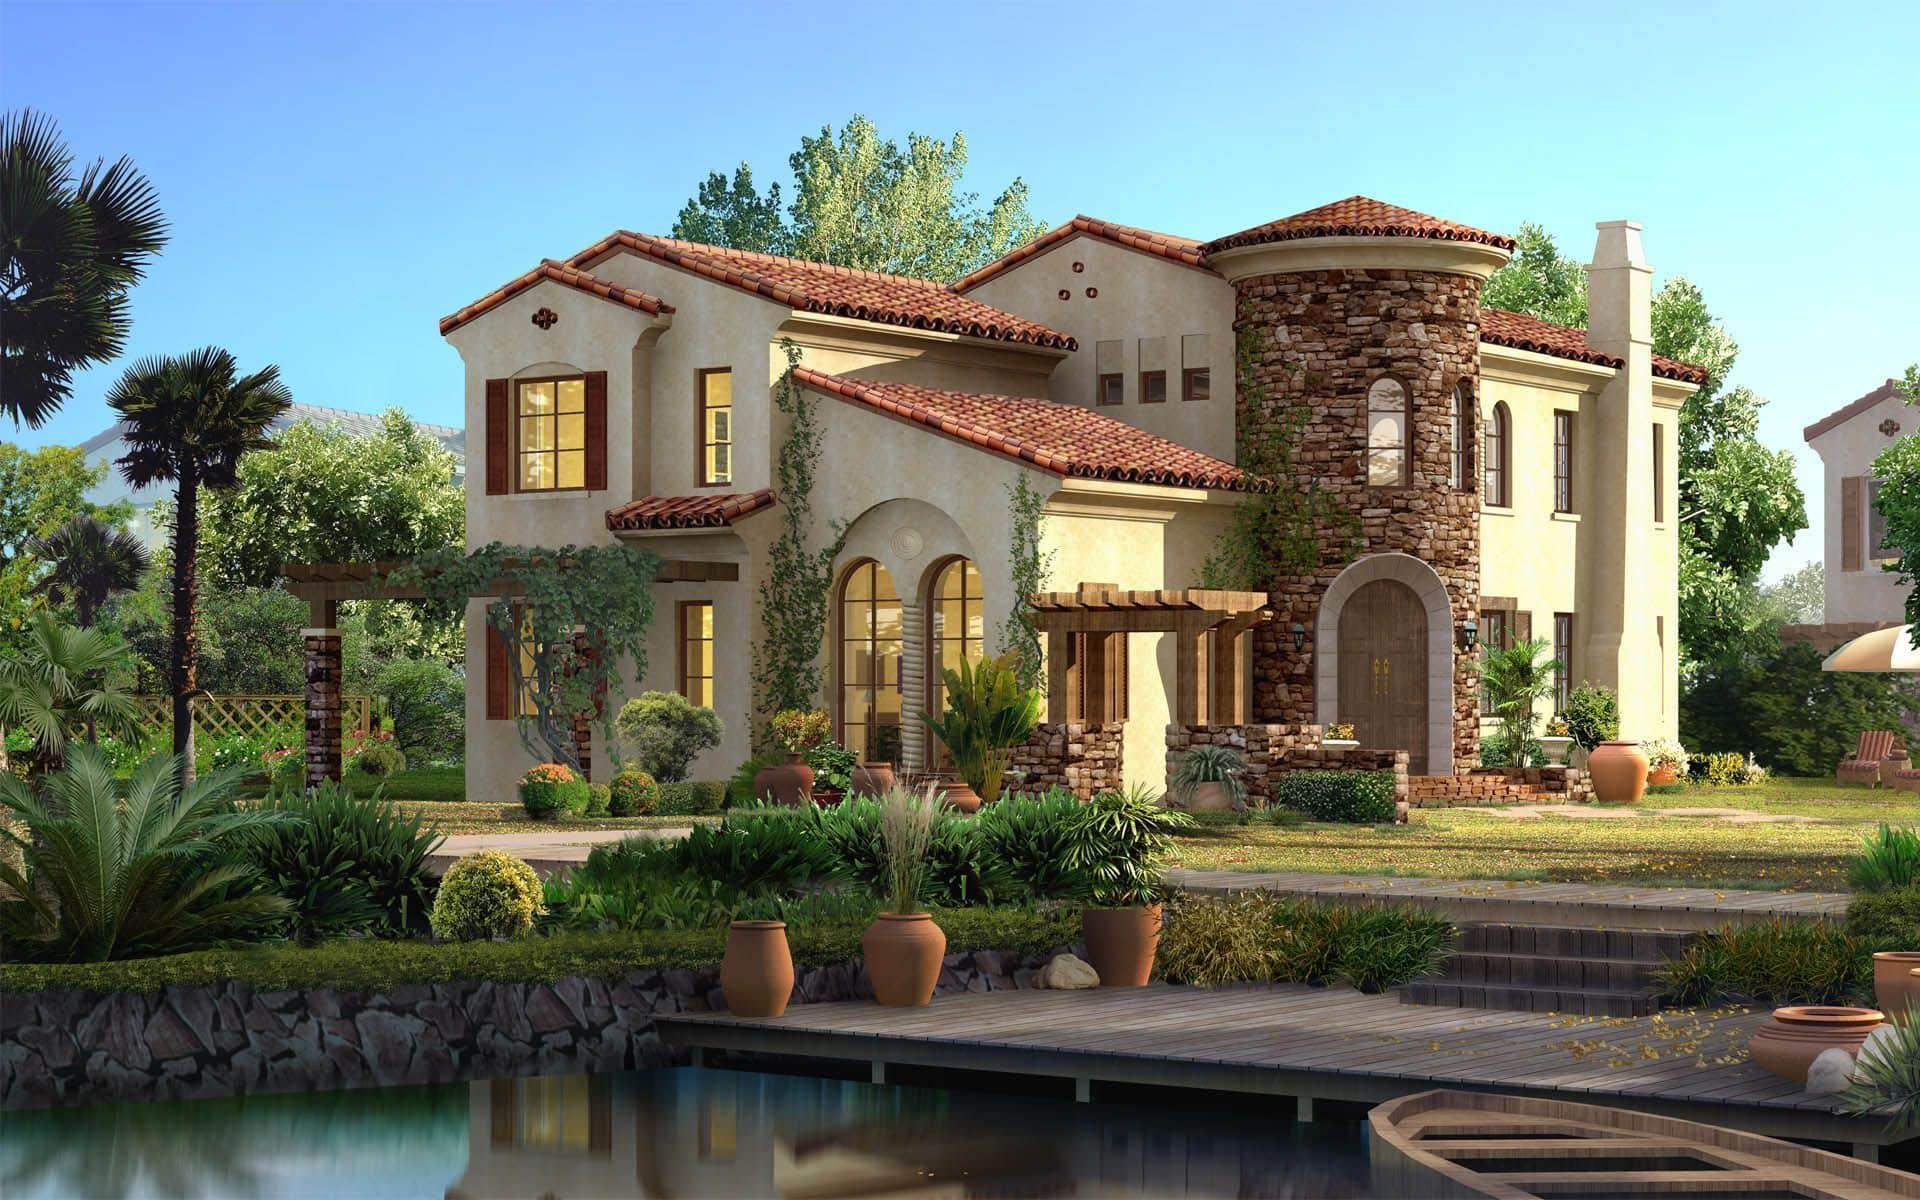 Belle maison de style mauresque